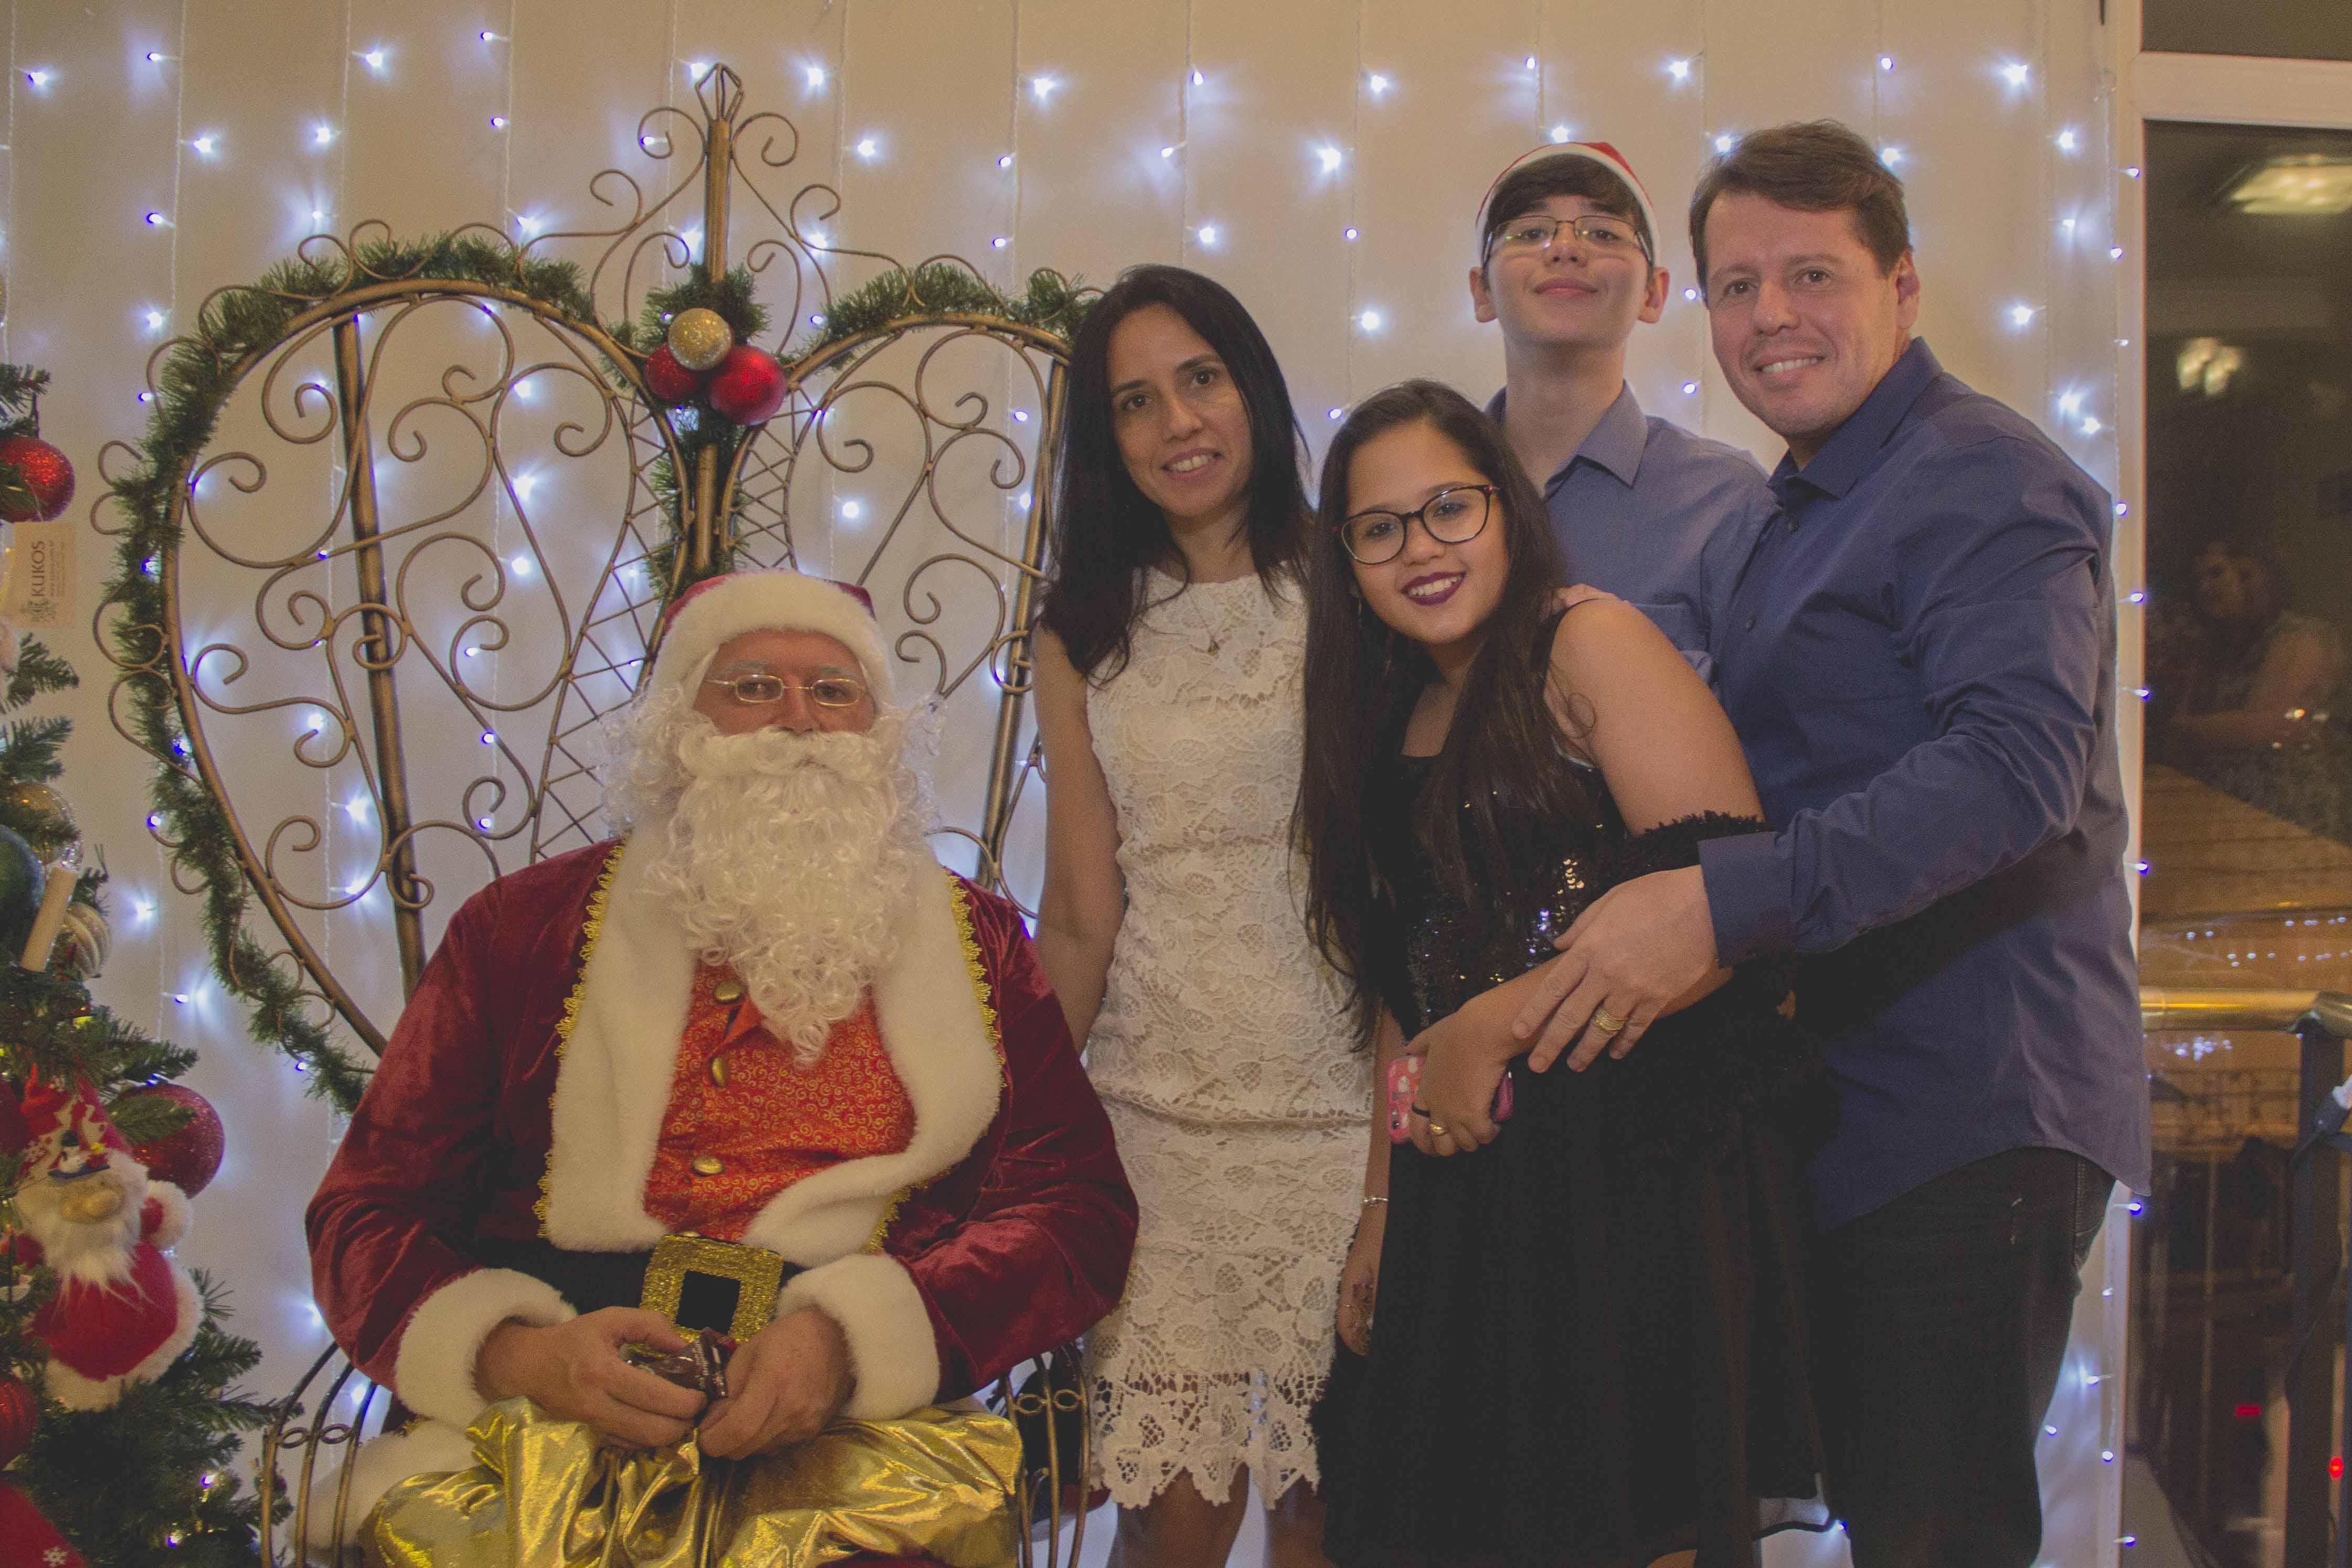 O Natal Existe-314-2